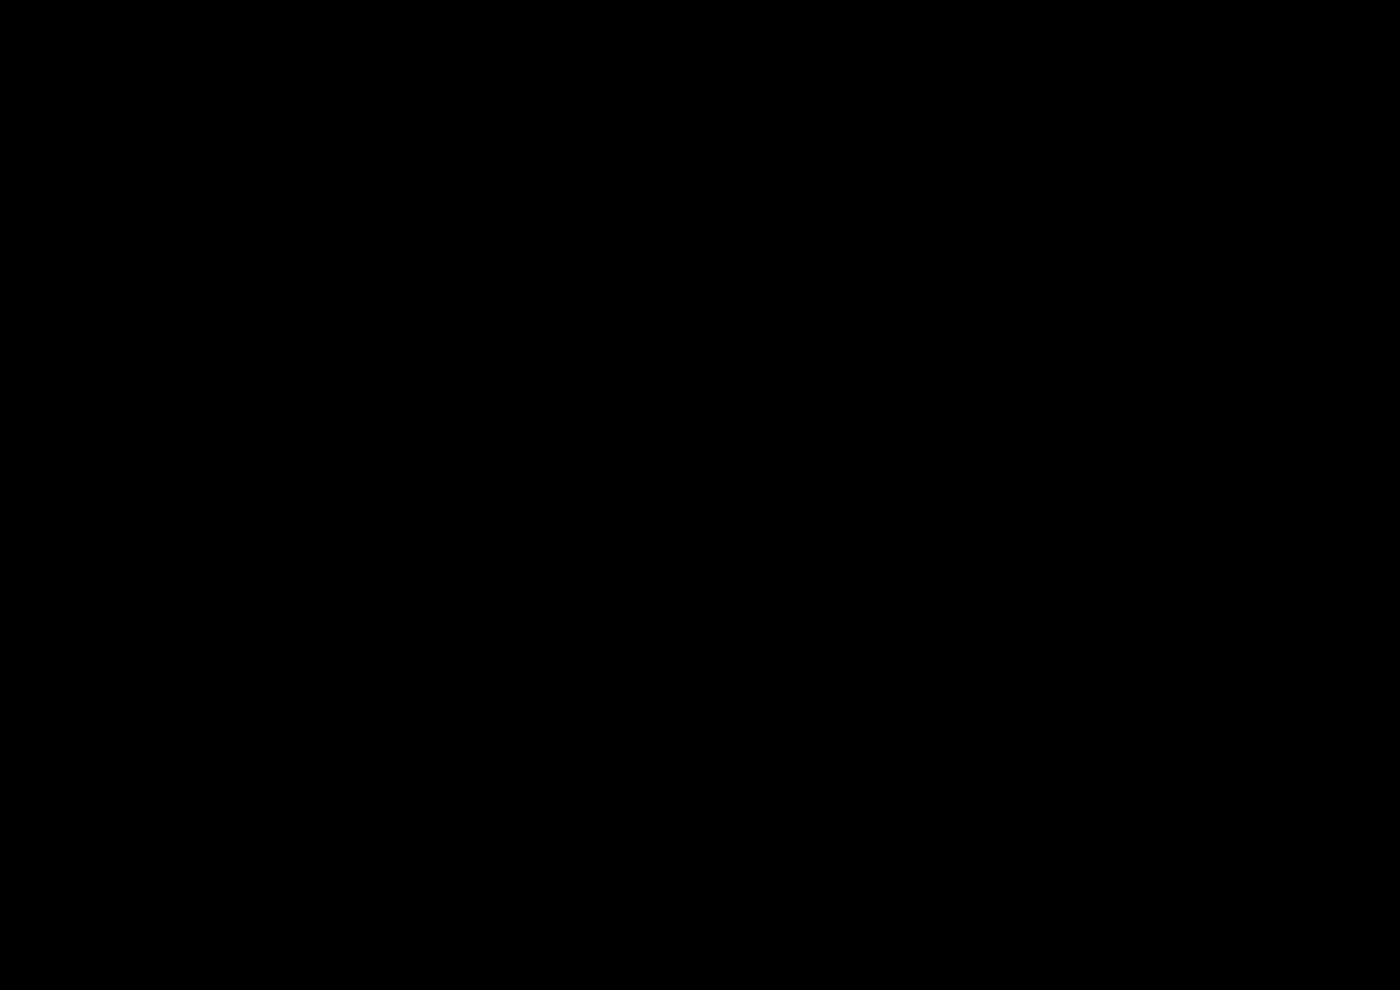 Icon Foerderung